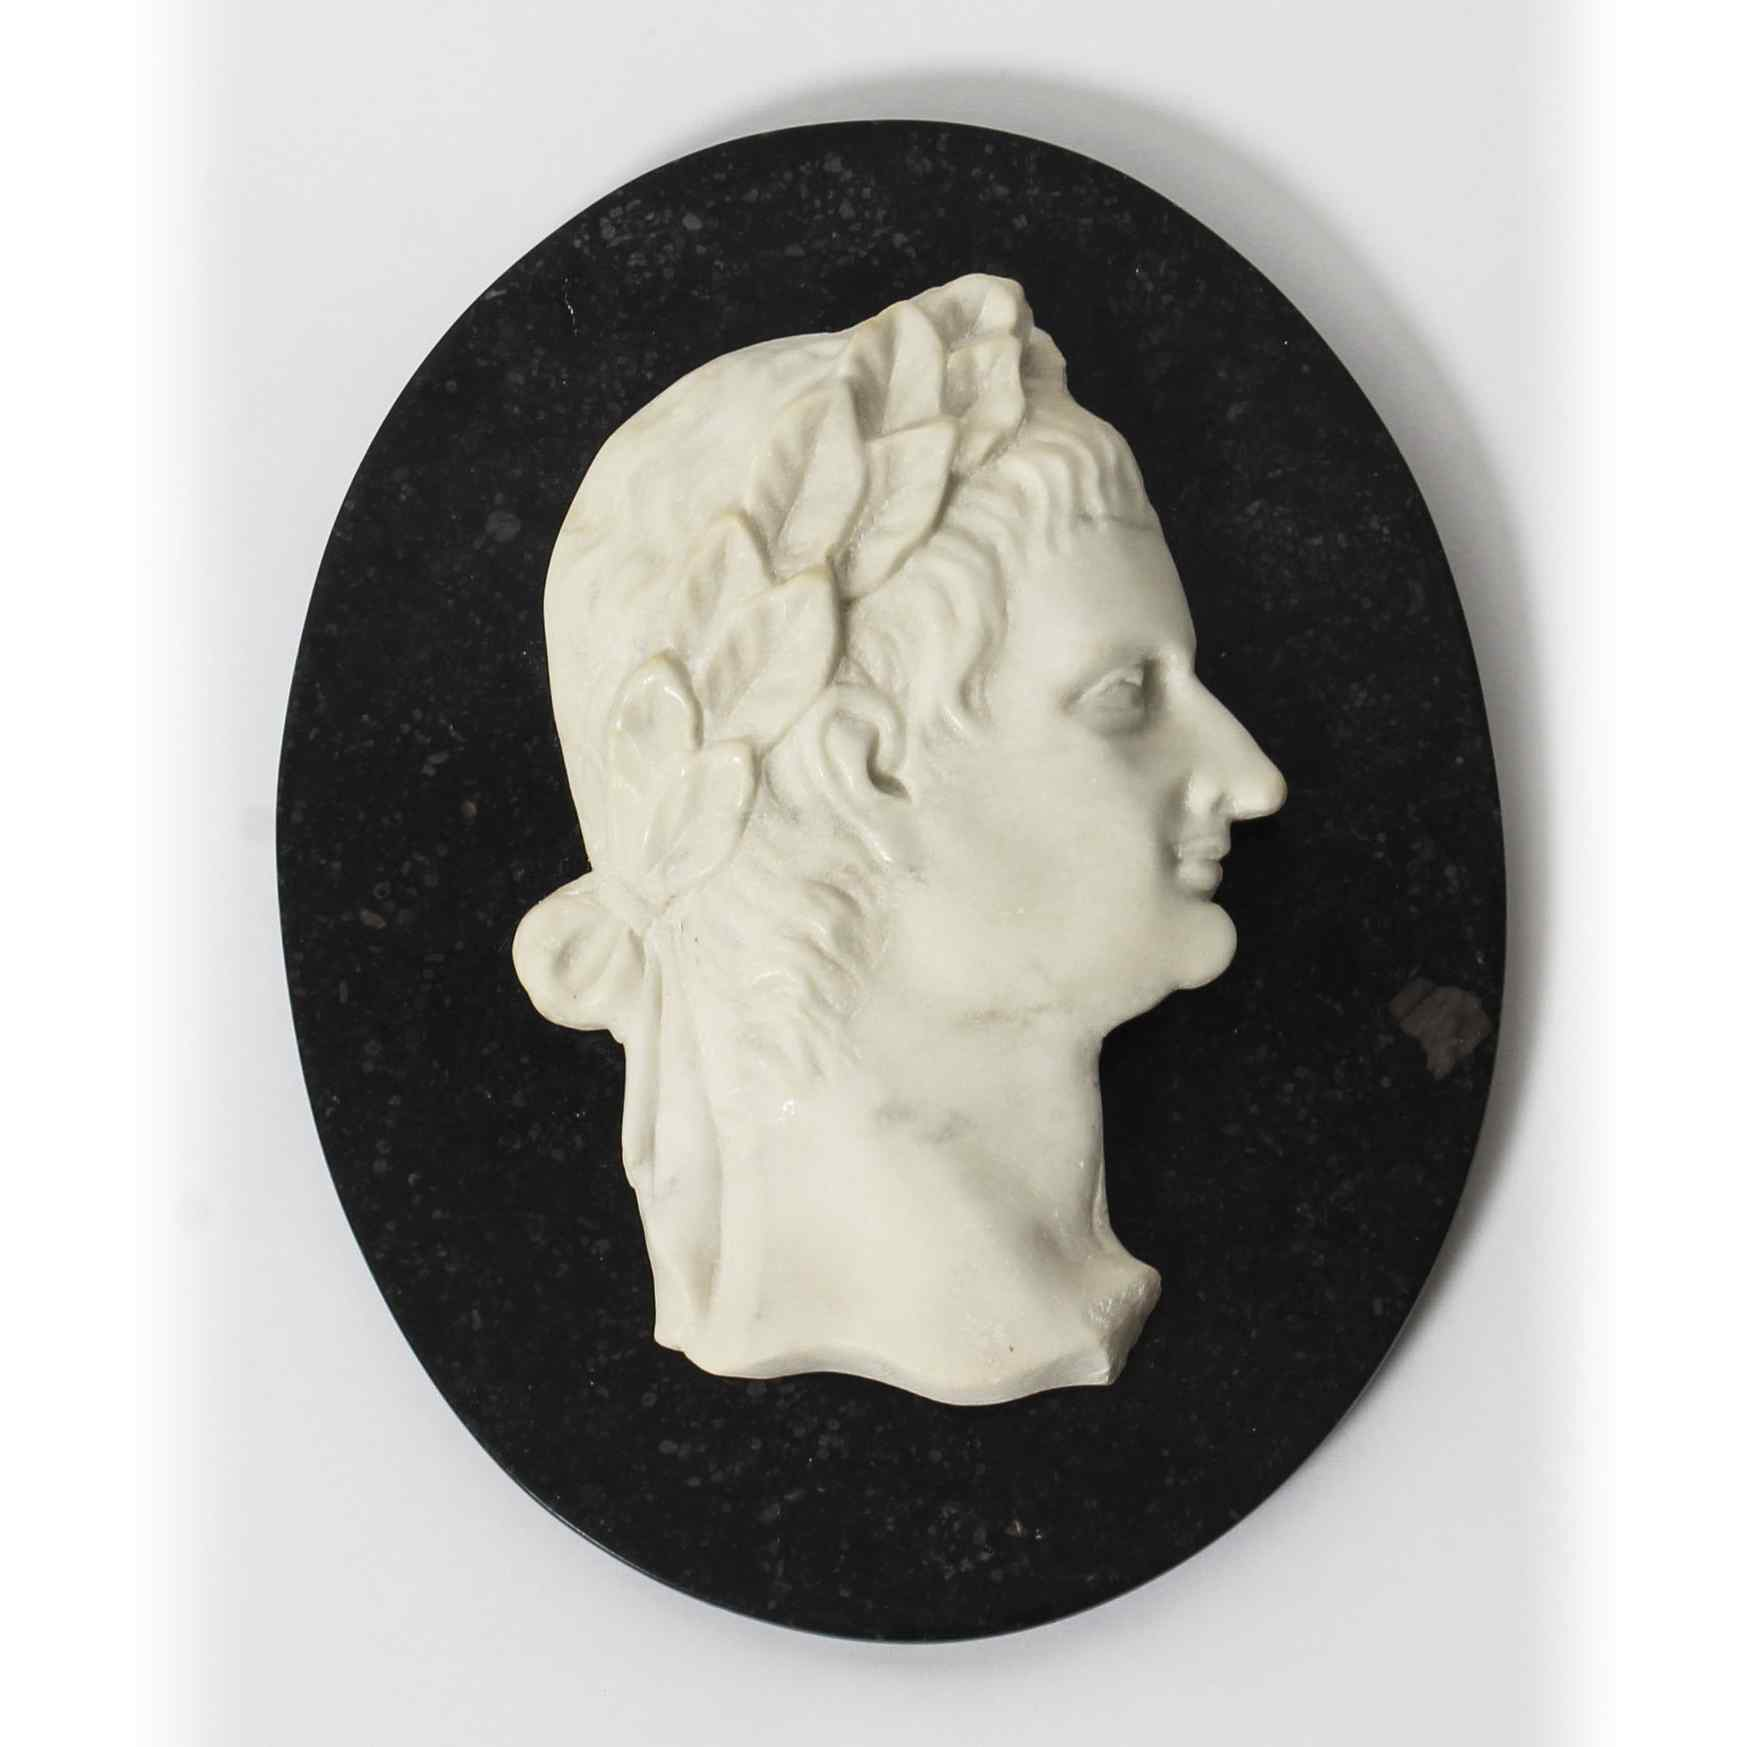 Antica targa in marmo con profilo dell'imperatore romano Cla